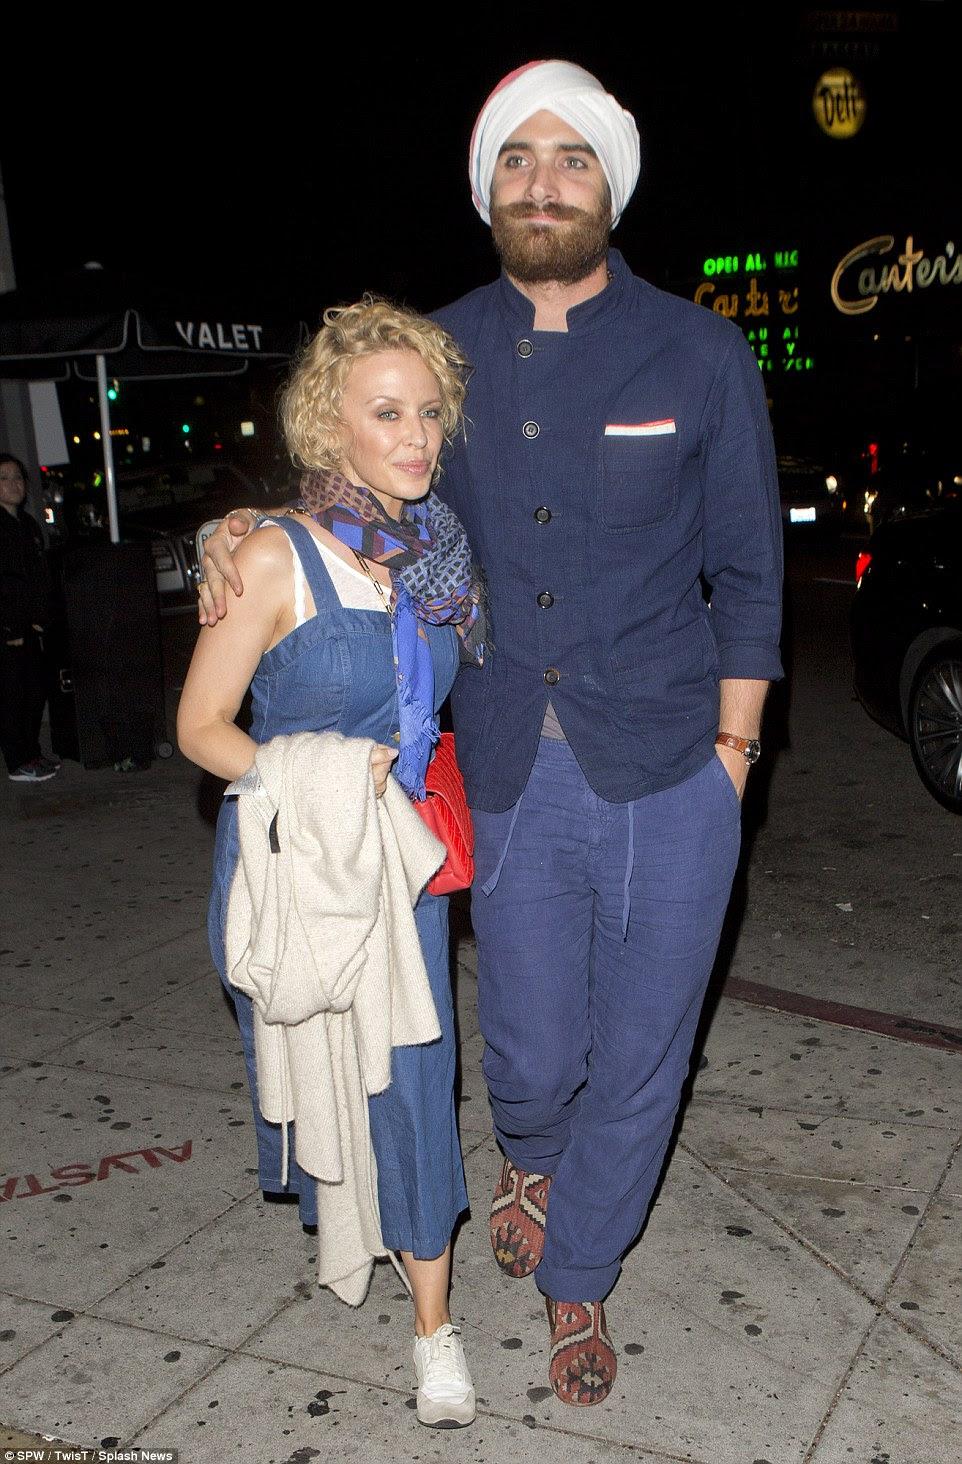 Brotamento amor: estrela pop australiana Kylie Minogue e seu noivo Joshua Sasse optou por conjuntos interessantes